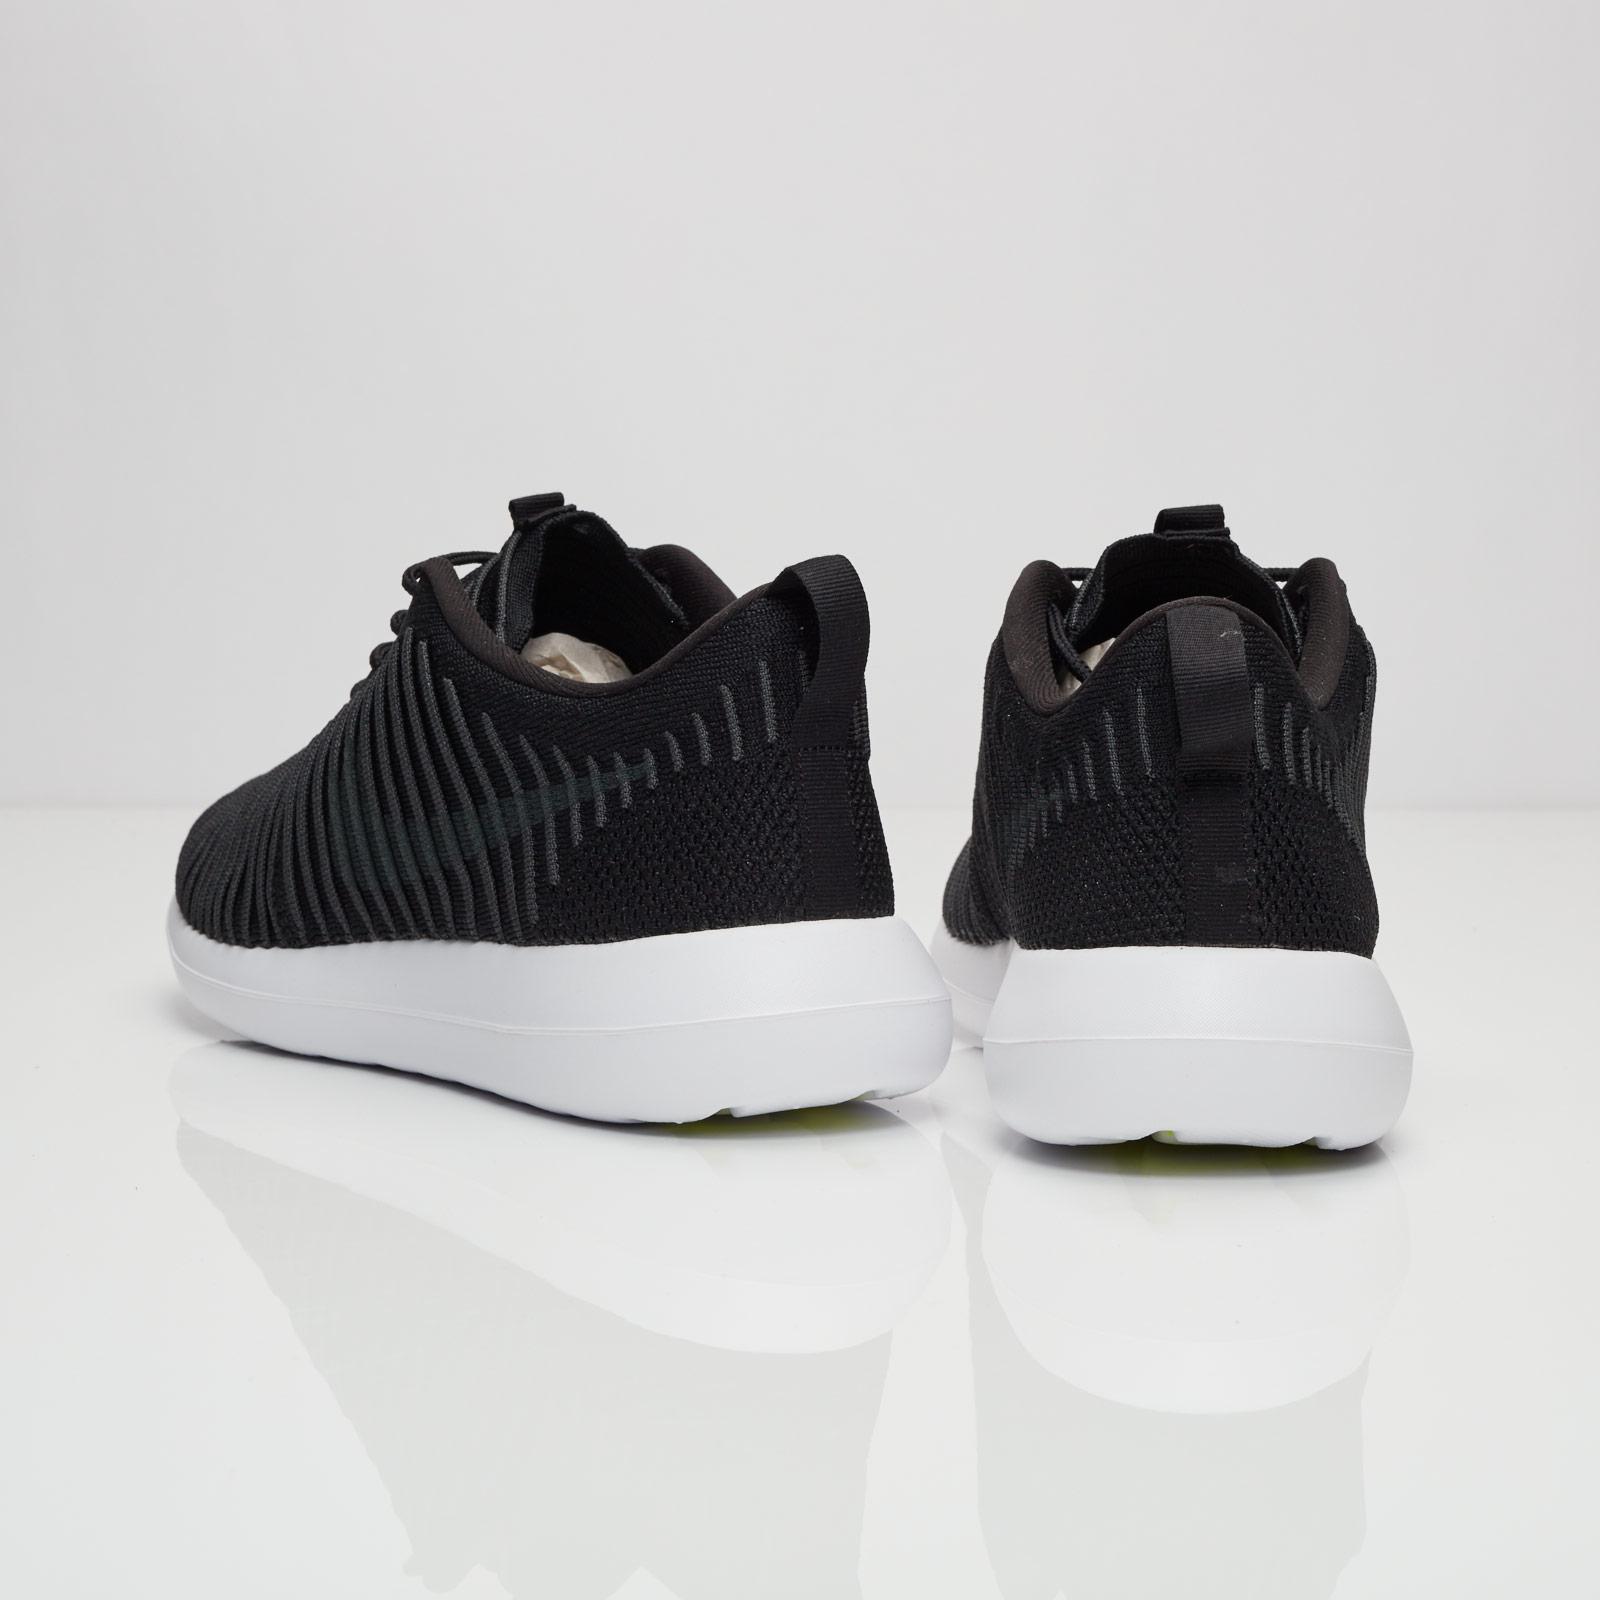 official photos 47020 ee3e9 Nike Roshe Two Flyknit - 844833-001 - Sneakersnstuff   sneakers    streetwear online since 1999